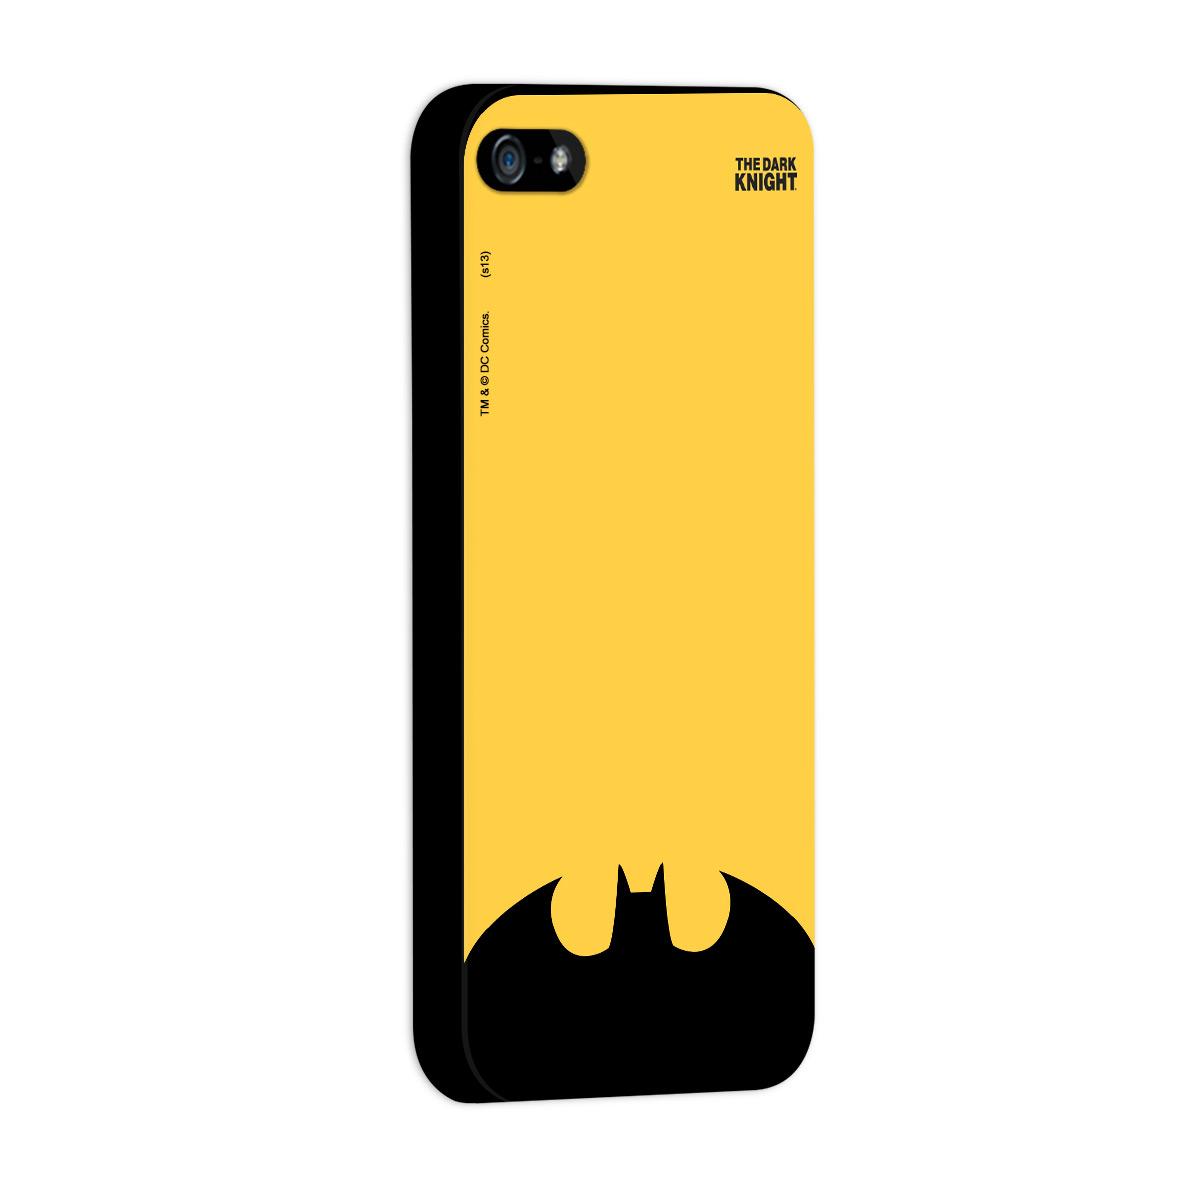 Capa de iPhone 5/5S Batman - The Dark Knight